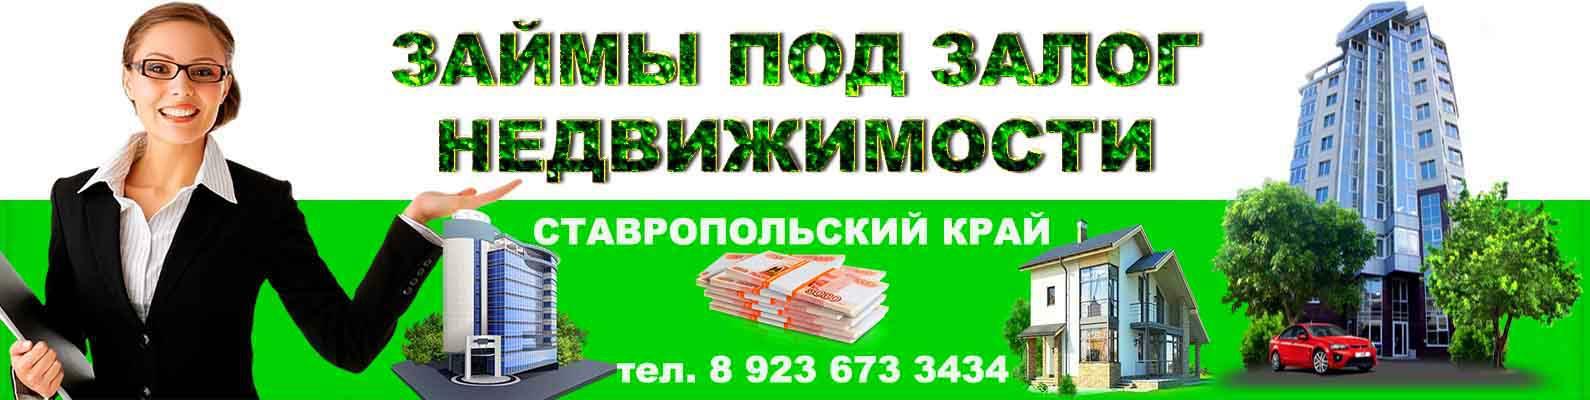 кредит под залог имущества ставрополь